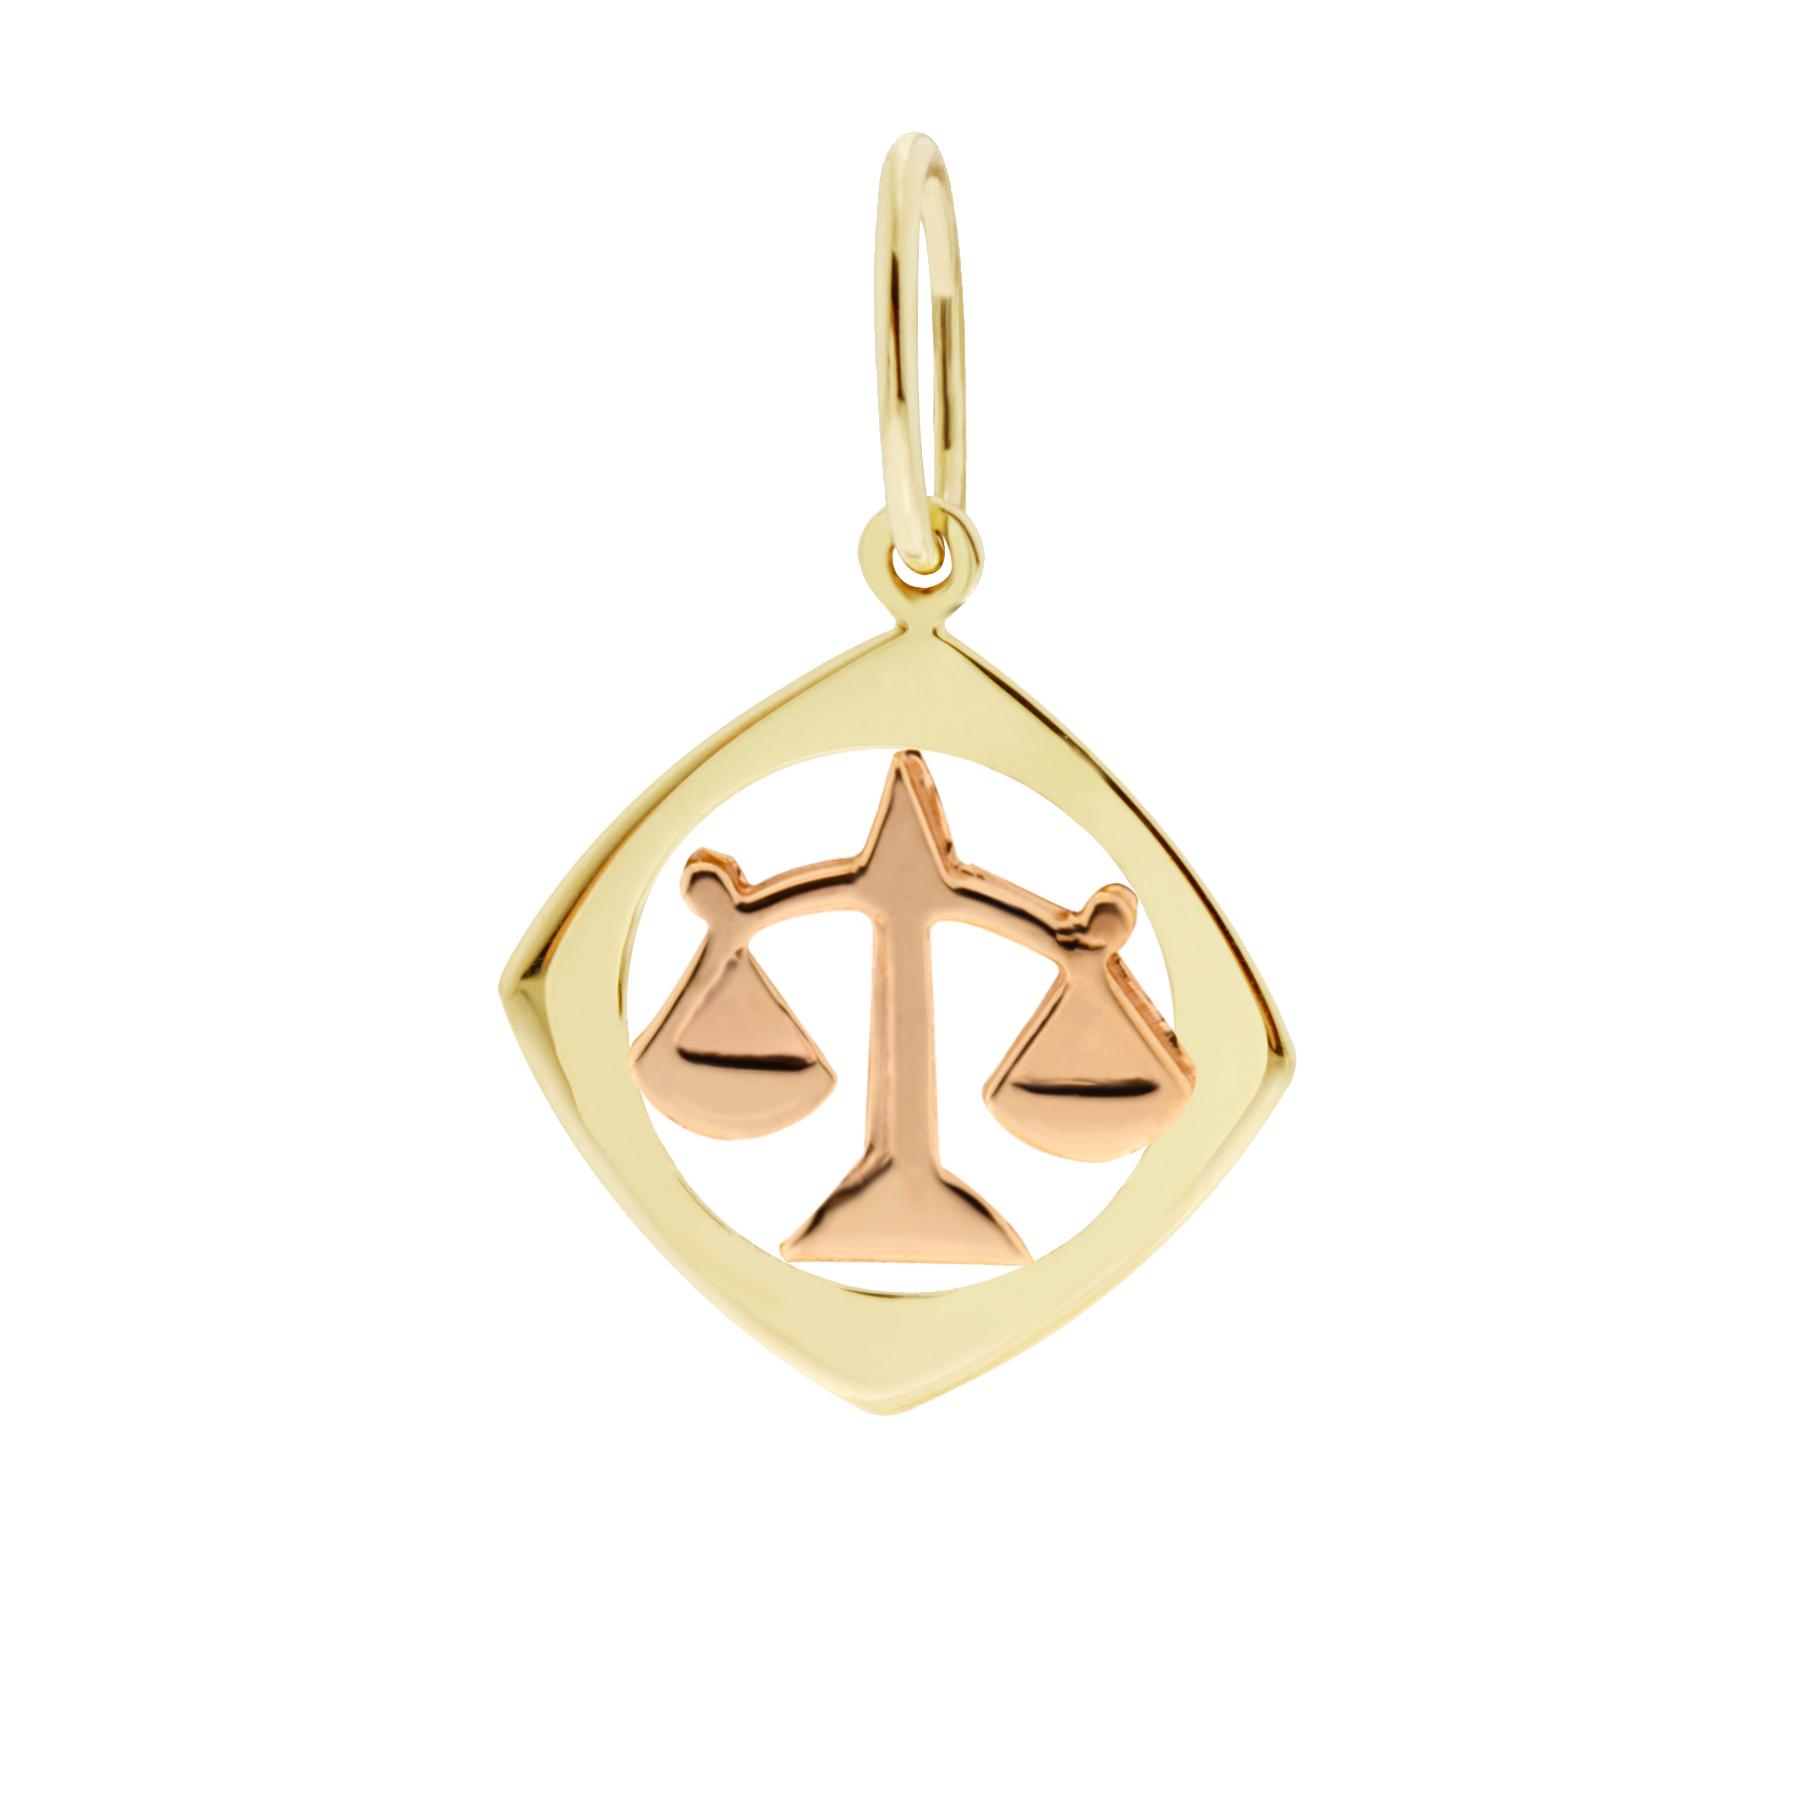 Zlatý přívěsek - znamení zvěrokruhu Váhy Tvar: Čtvereček, hladký rámeček